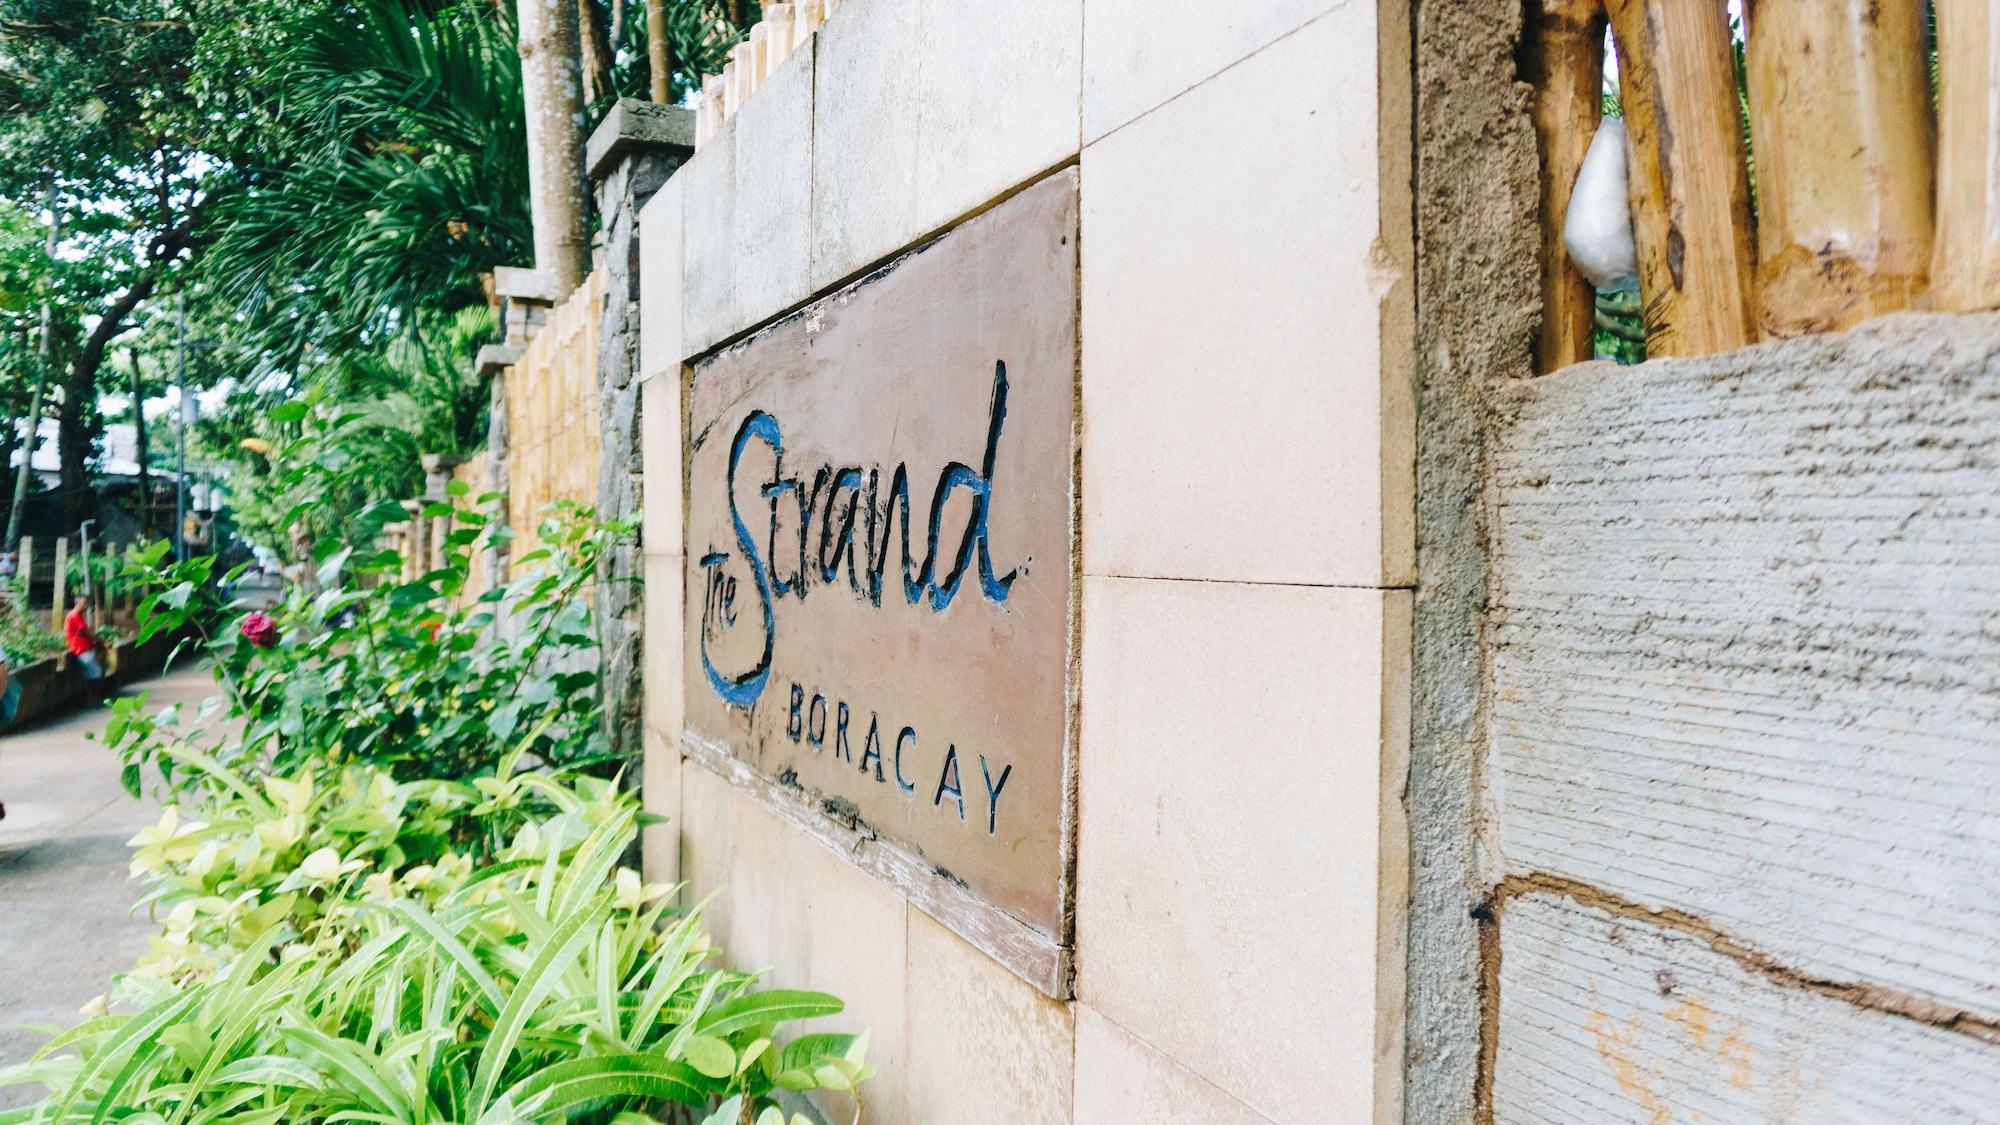 The Strand Boracay, Malay